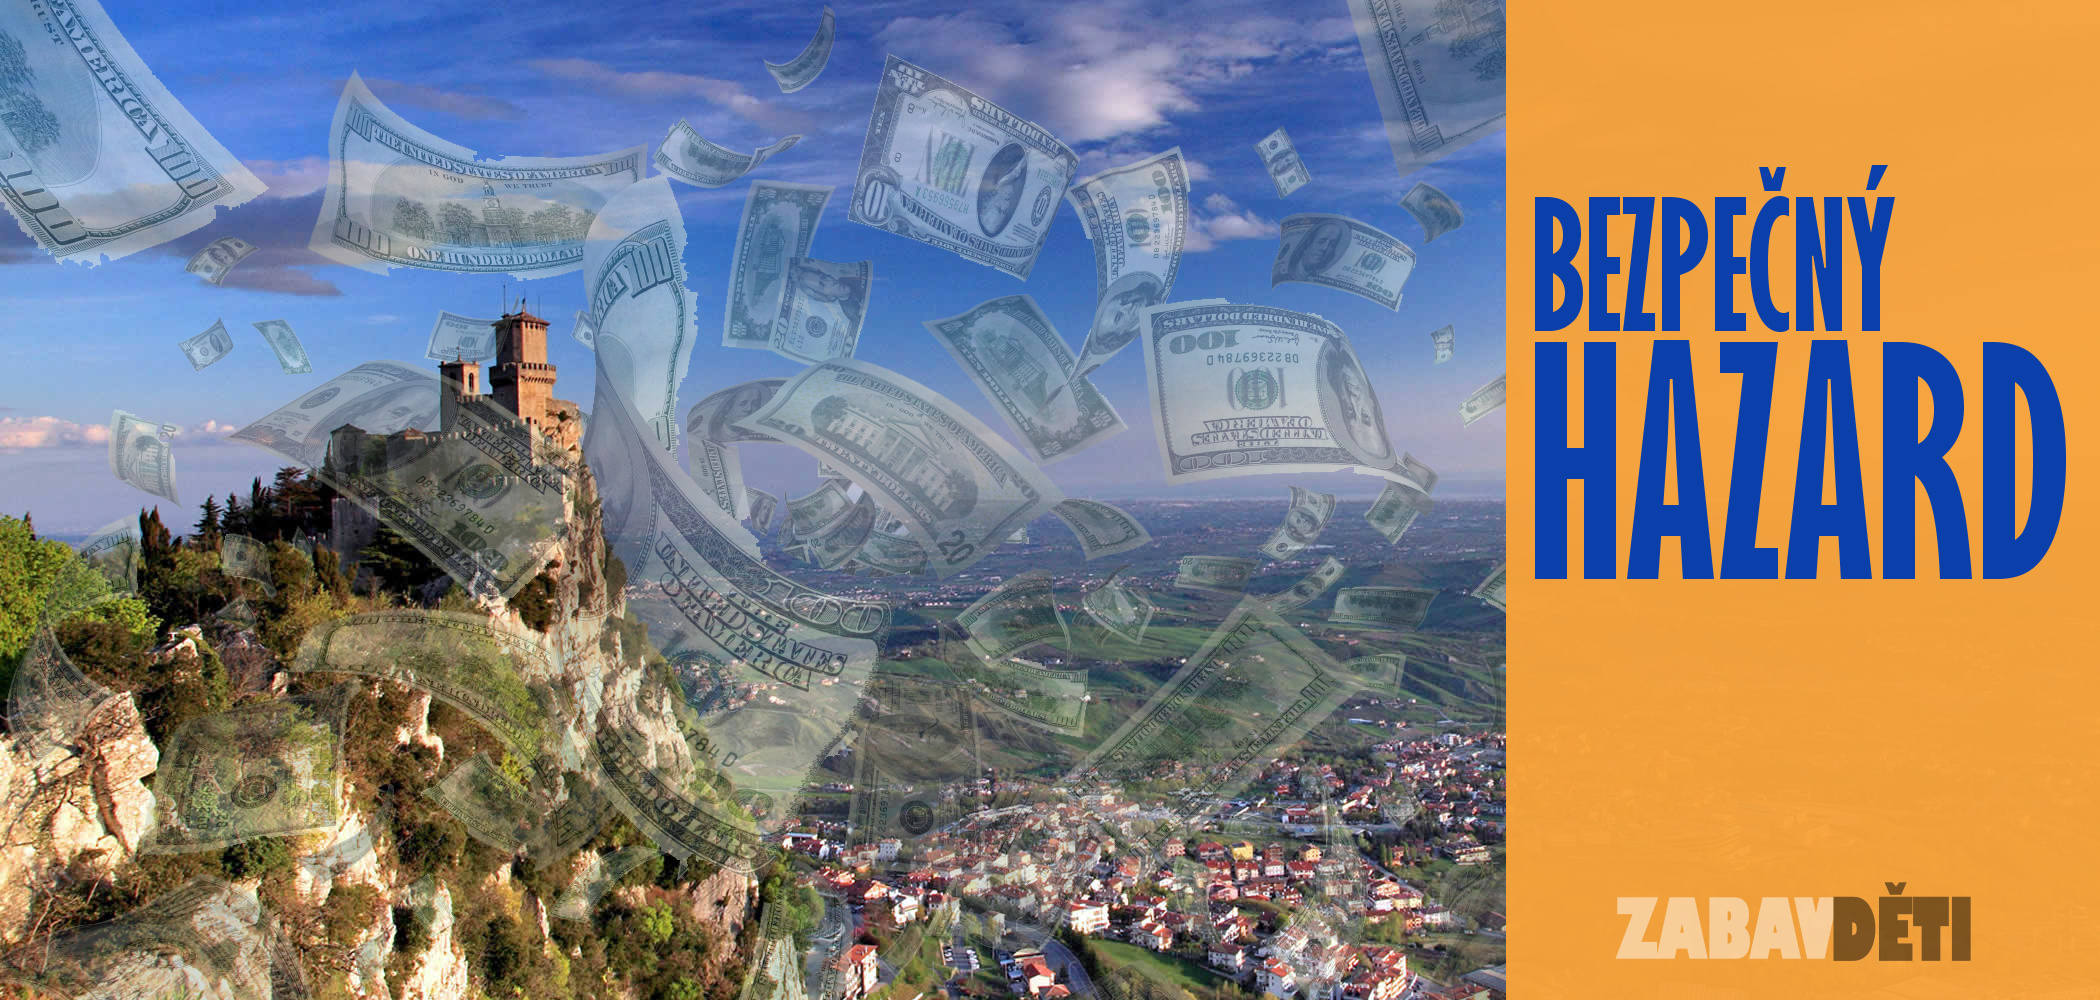 San Marino - bezpečný hazard